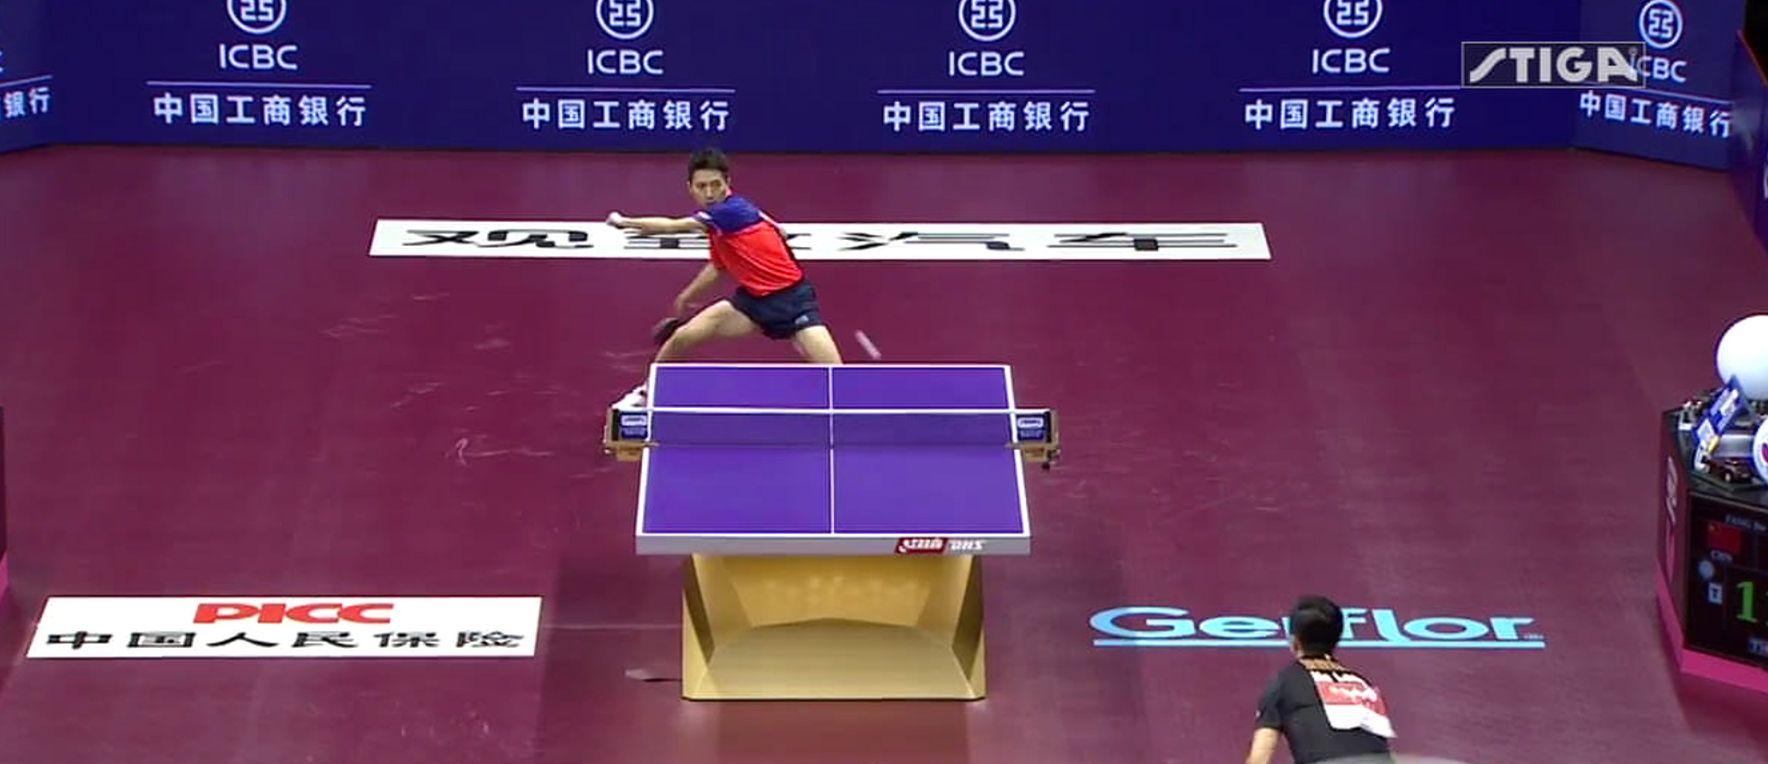 Tennis De Table Le Point Du Si Cle Marqu En Finale Des Mondiaux